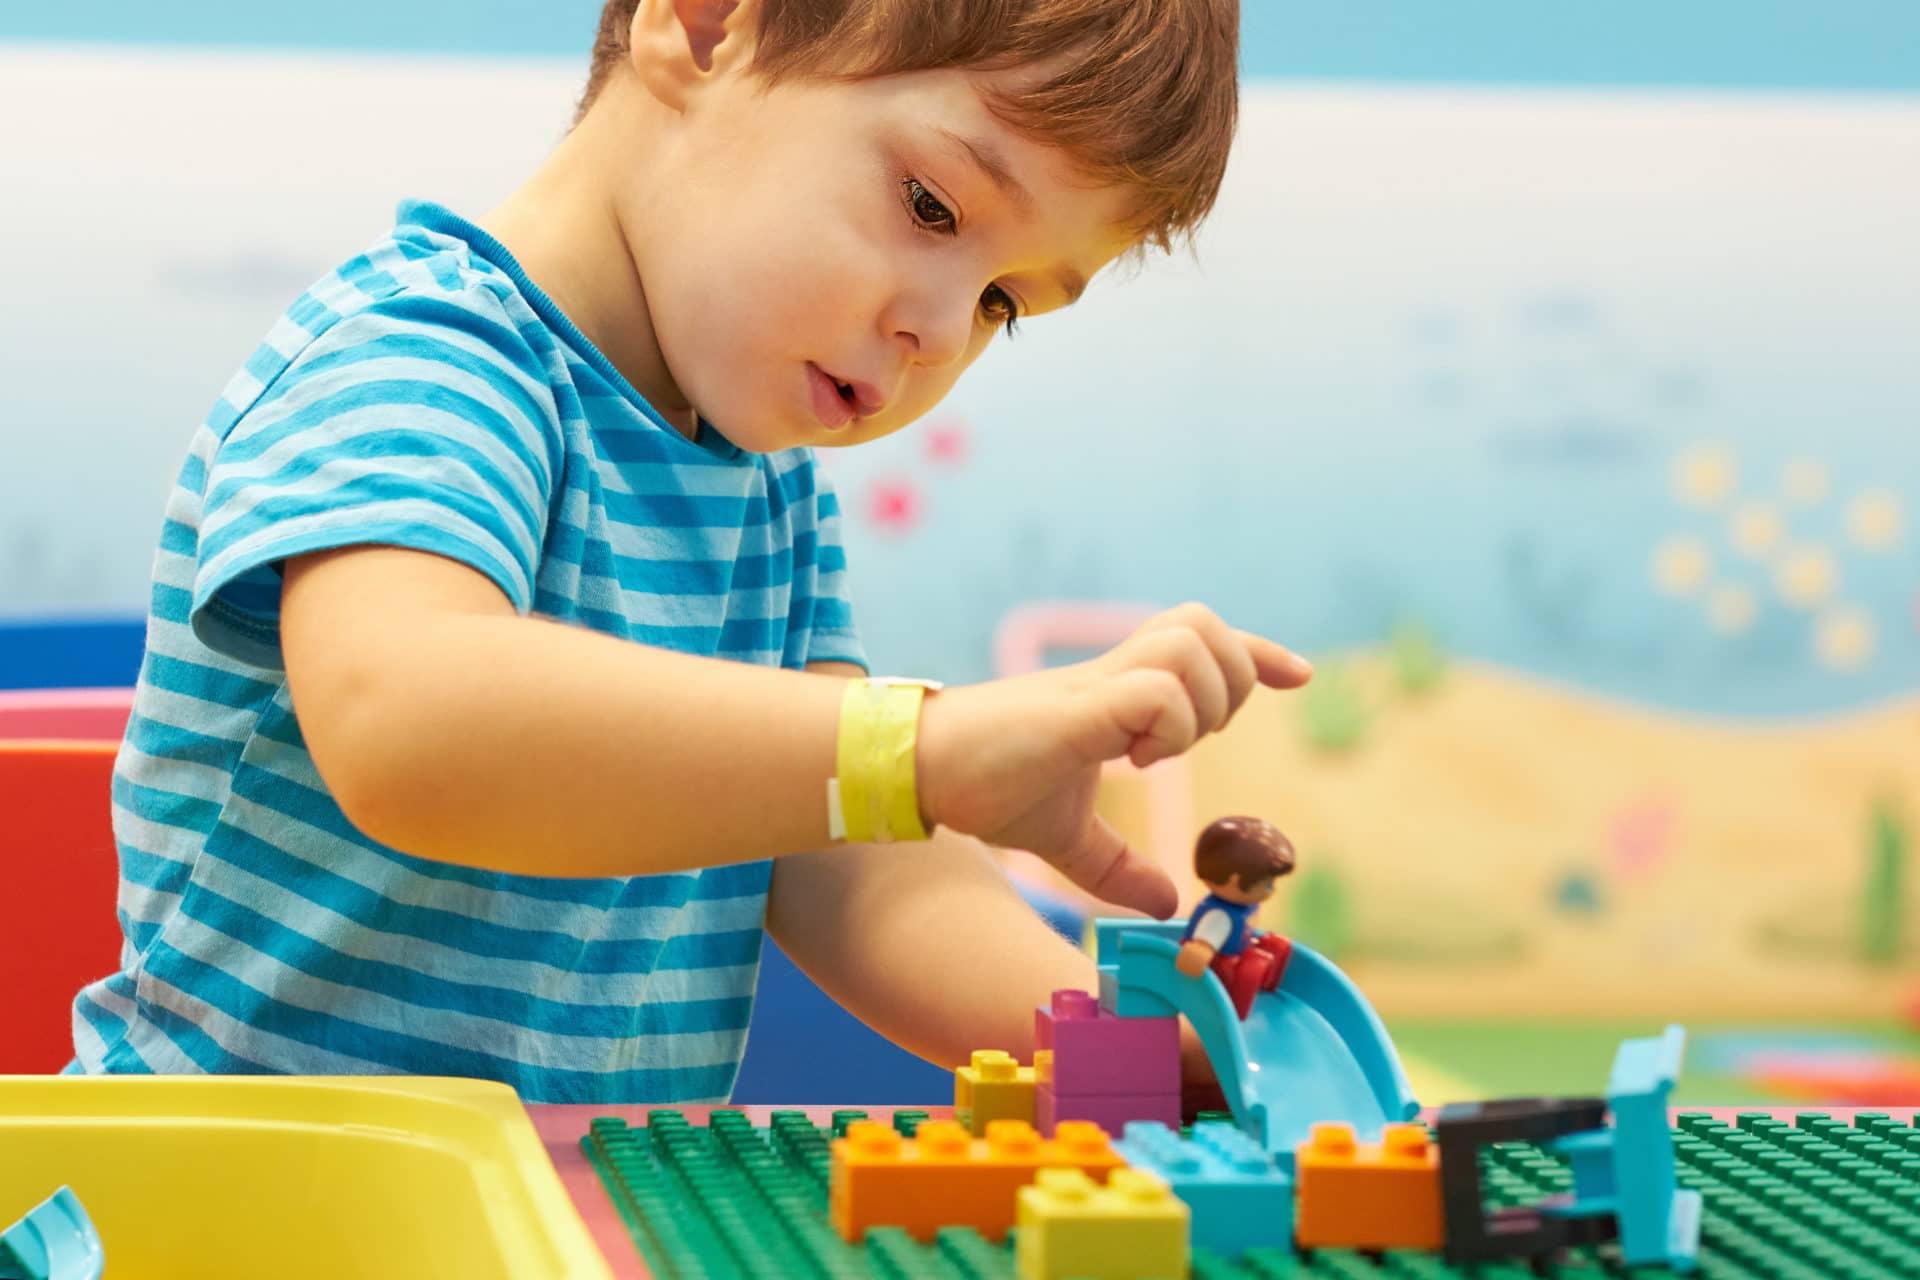 Idée De Jeux En Famille Pour Noel jeu, jouet enfant - jeu enfant 2 ans, 3 ans, 4 ans et 5 ans